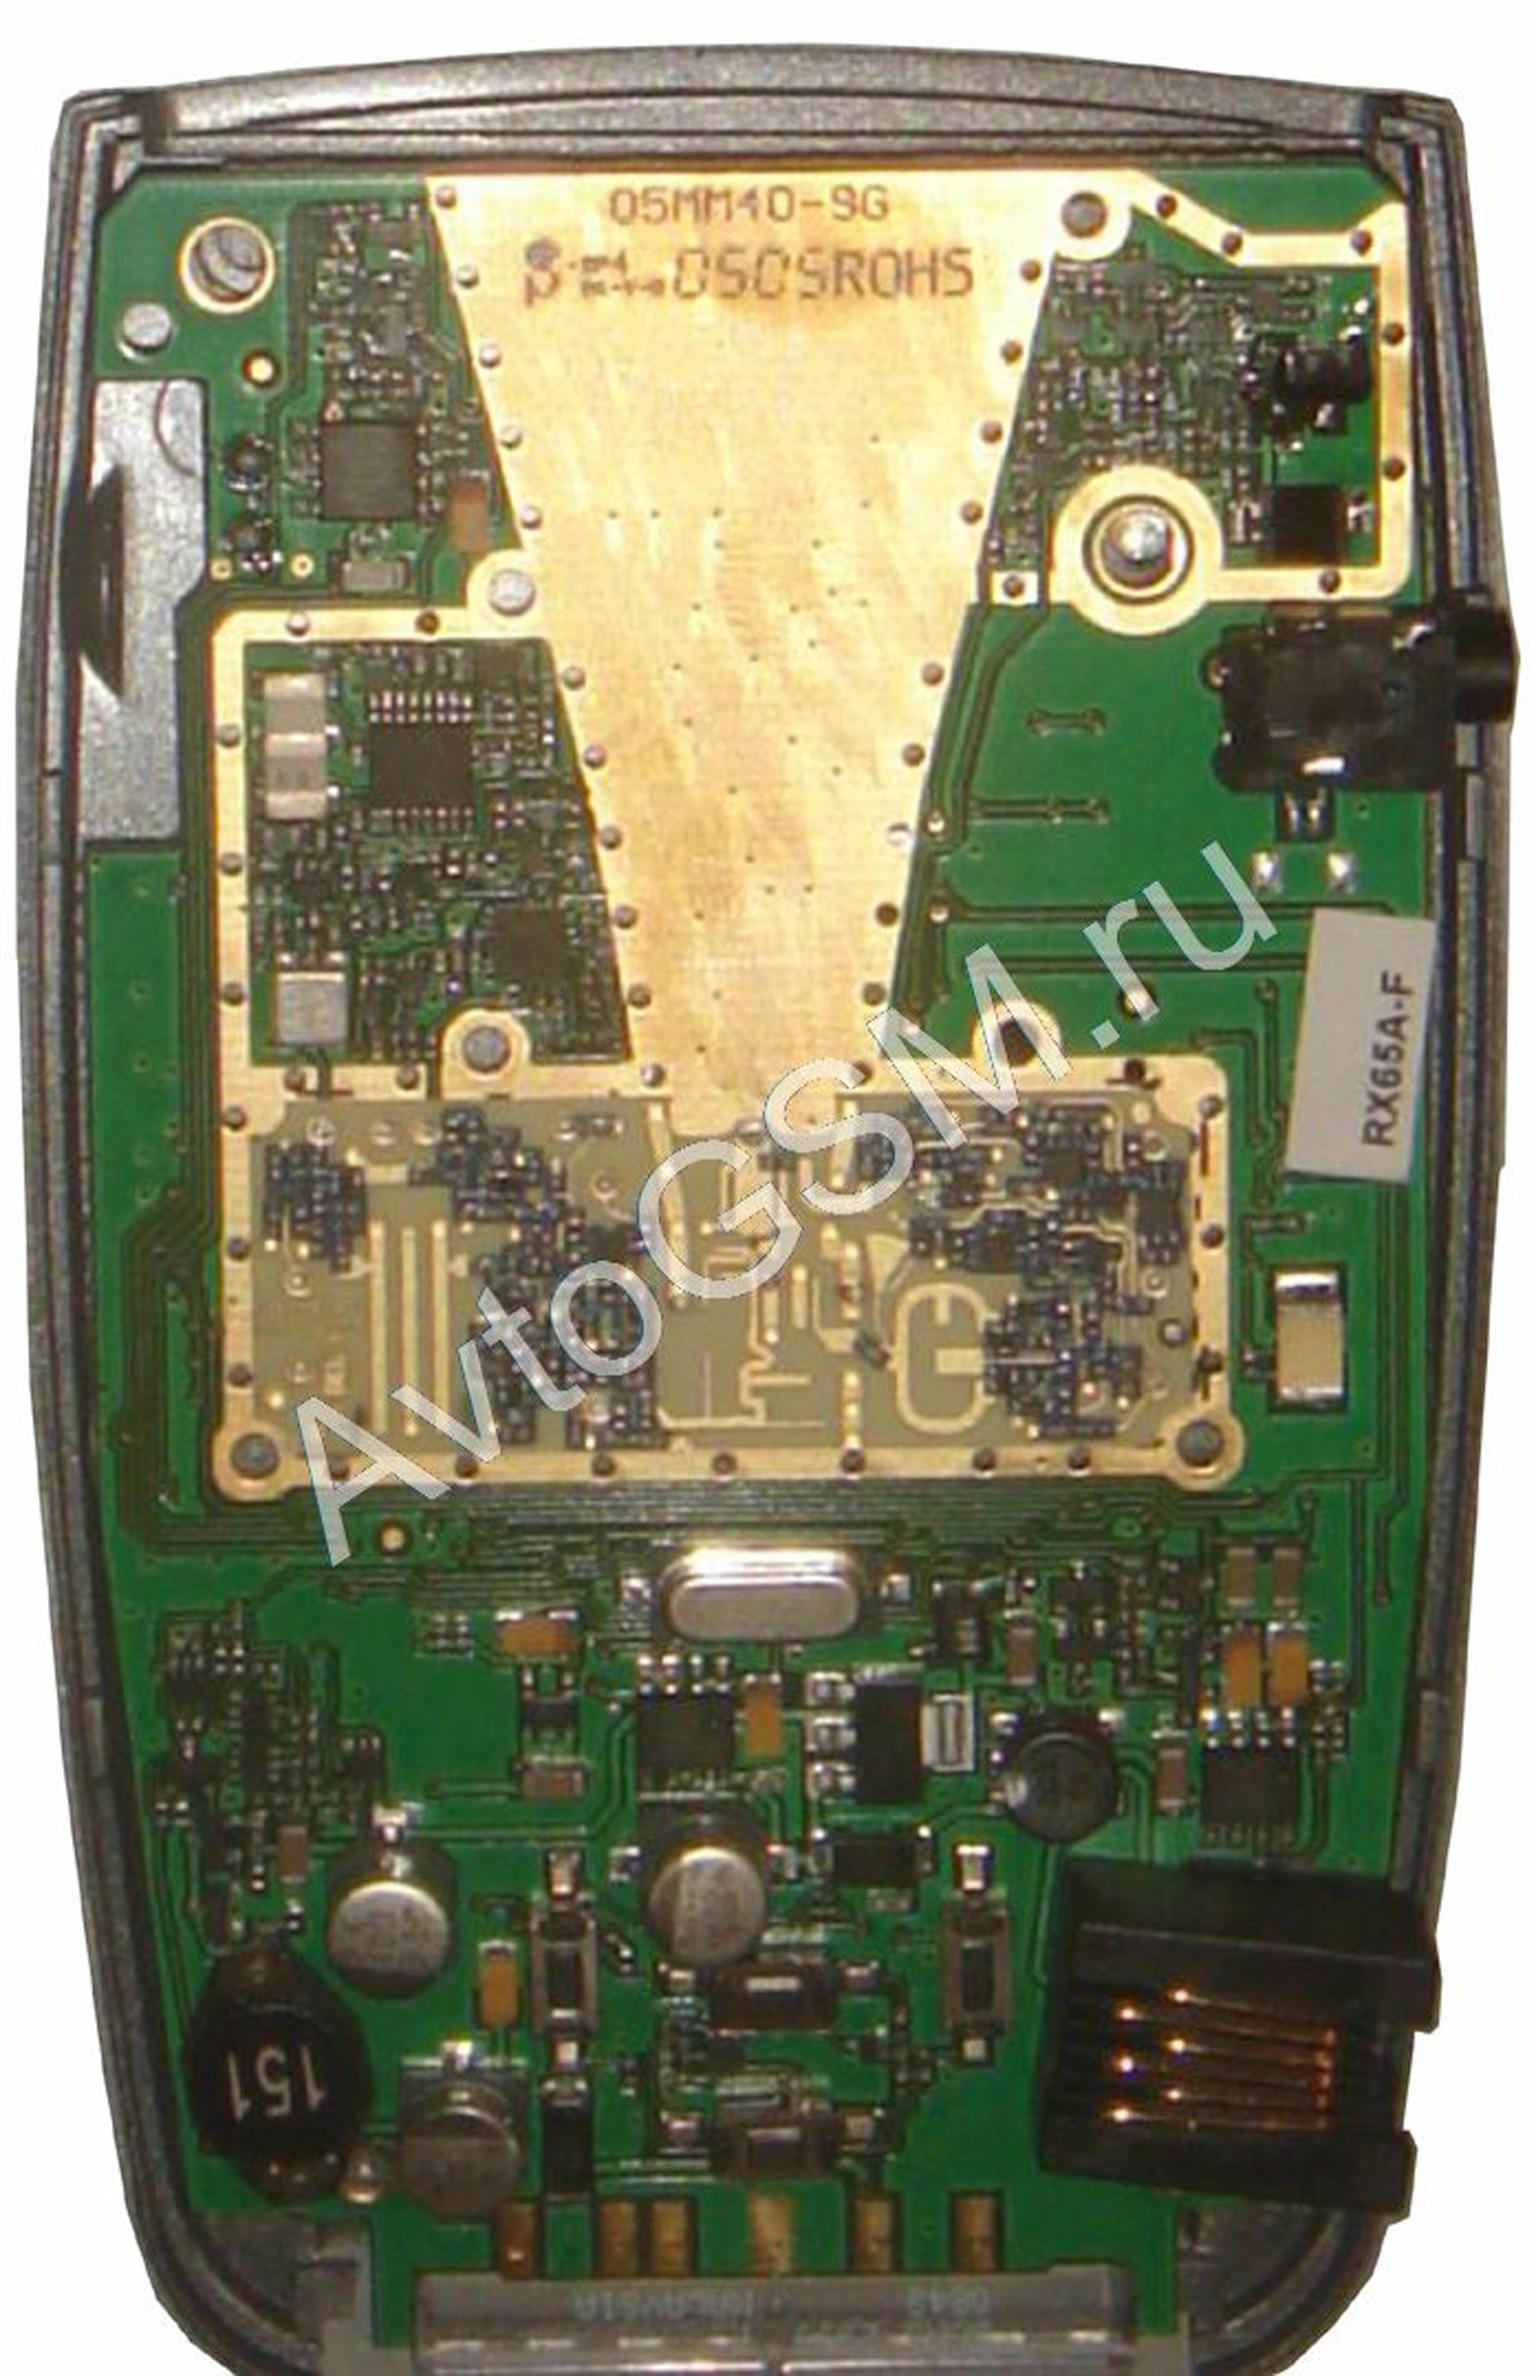 инструкция по эксплуатации beltronics rx65 asia